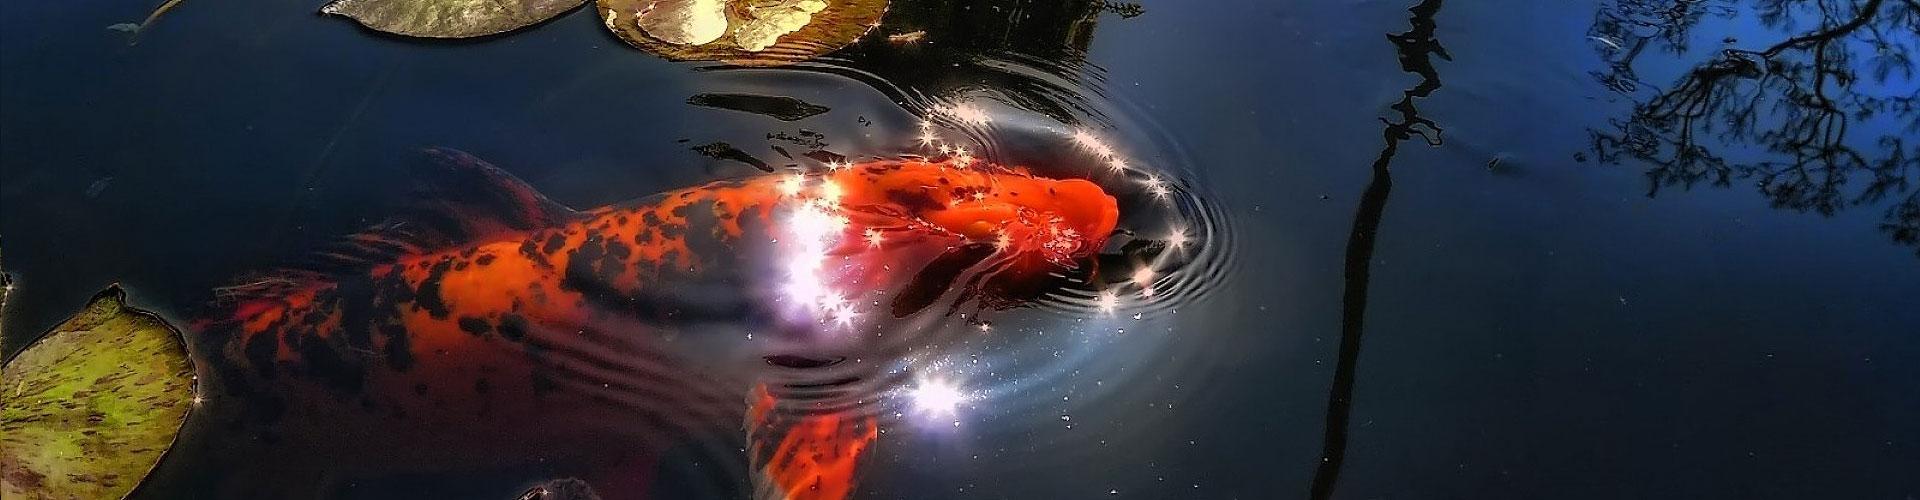 orasne-rybky_hp